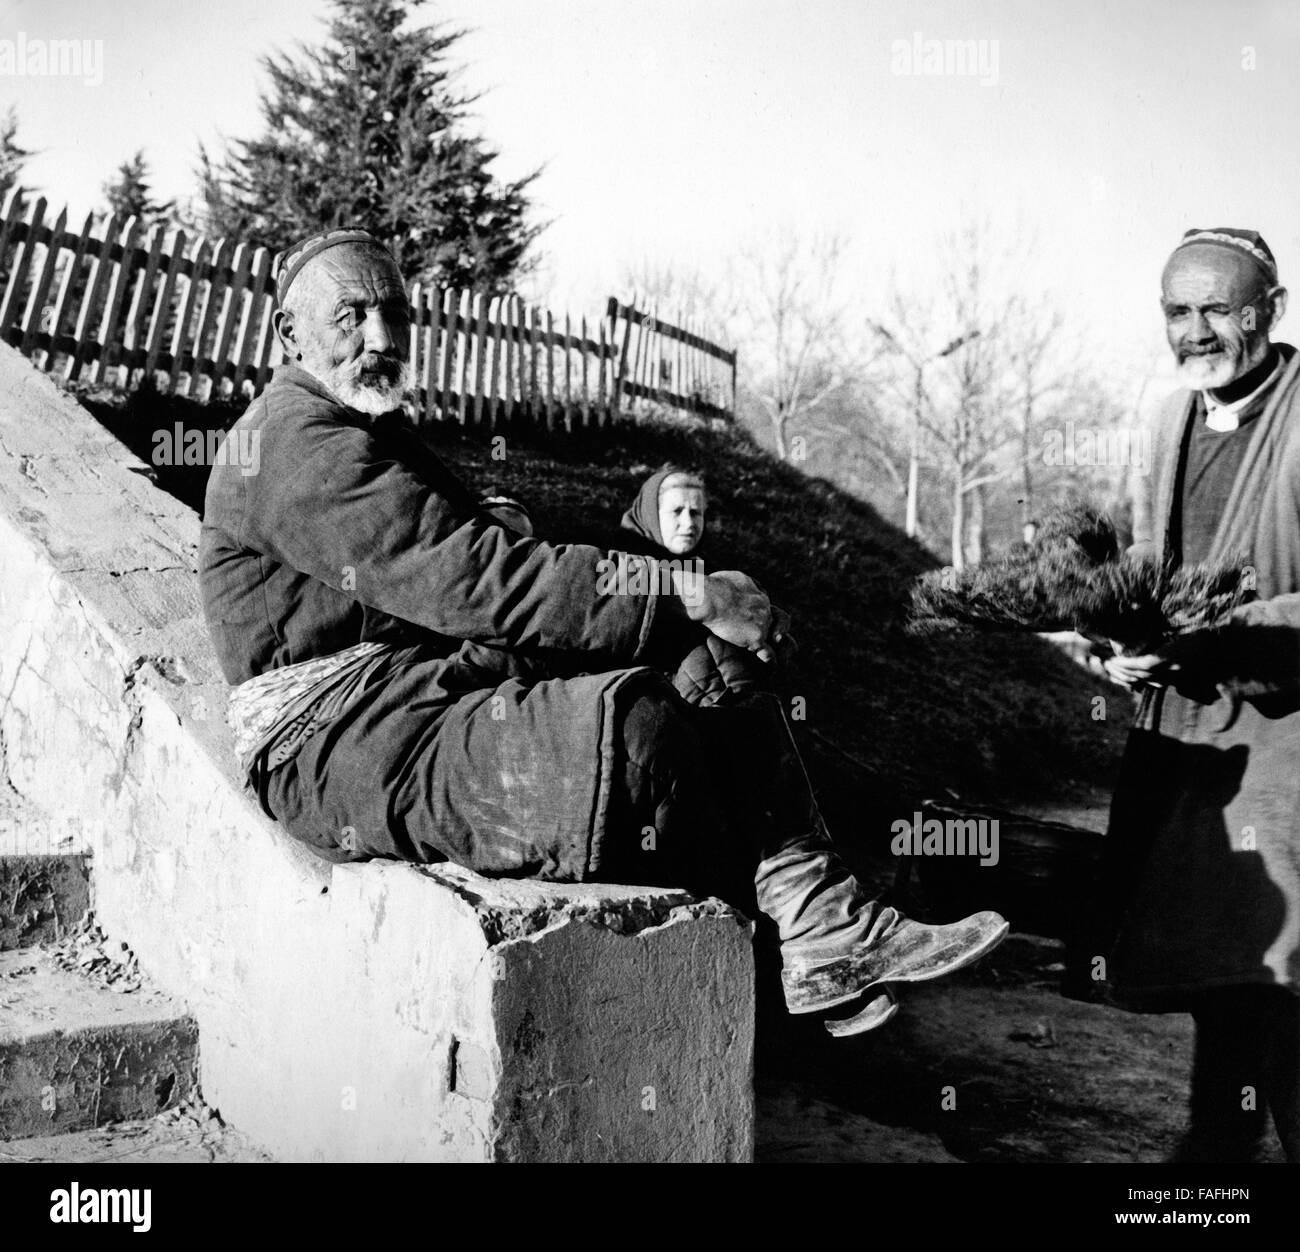 Ein Besenverkäufer eine seit Stand Auf Dem Basar in Taschkent in Usbekistan, Bezirkshandstempel 1970er Jahre. Stockbild